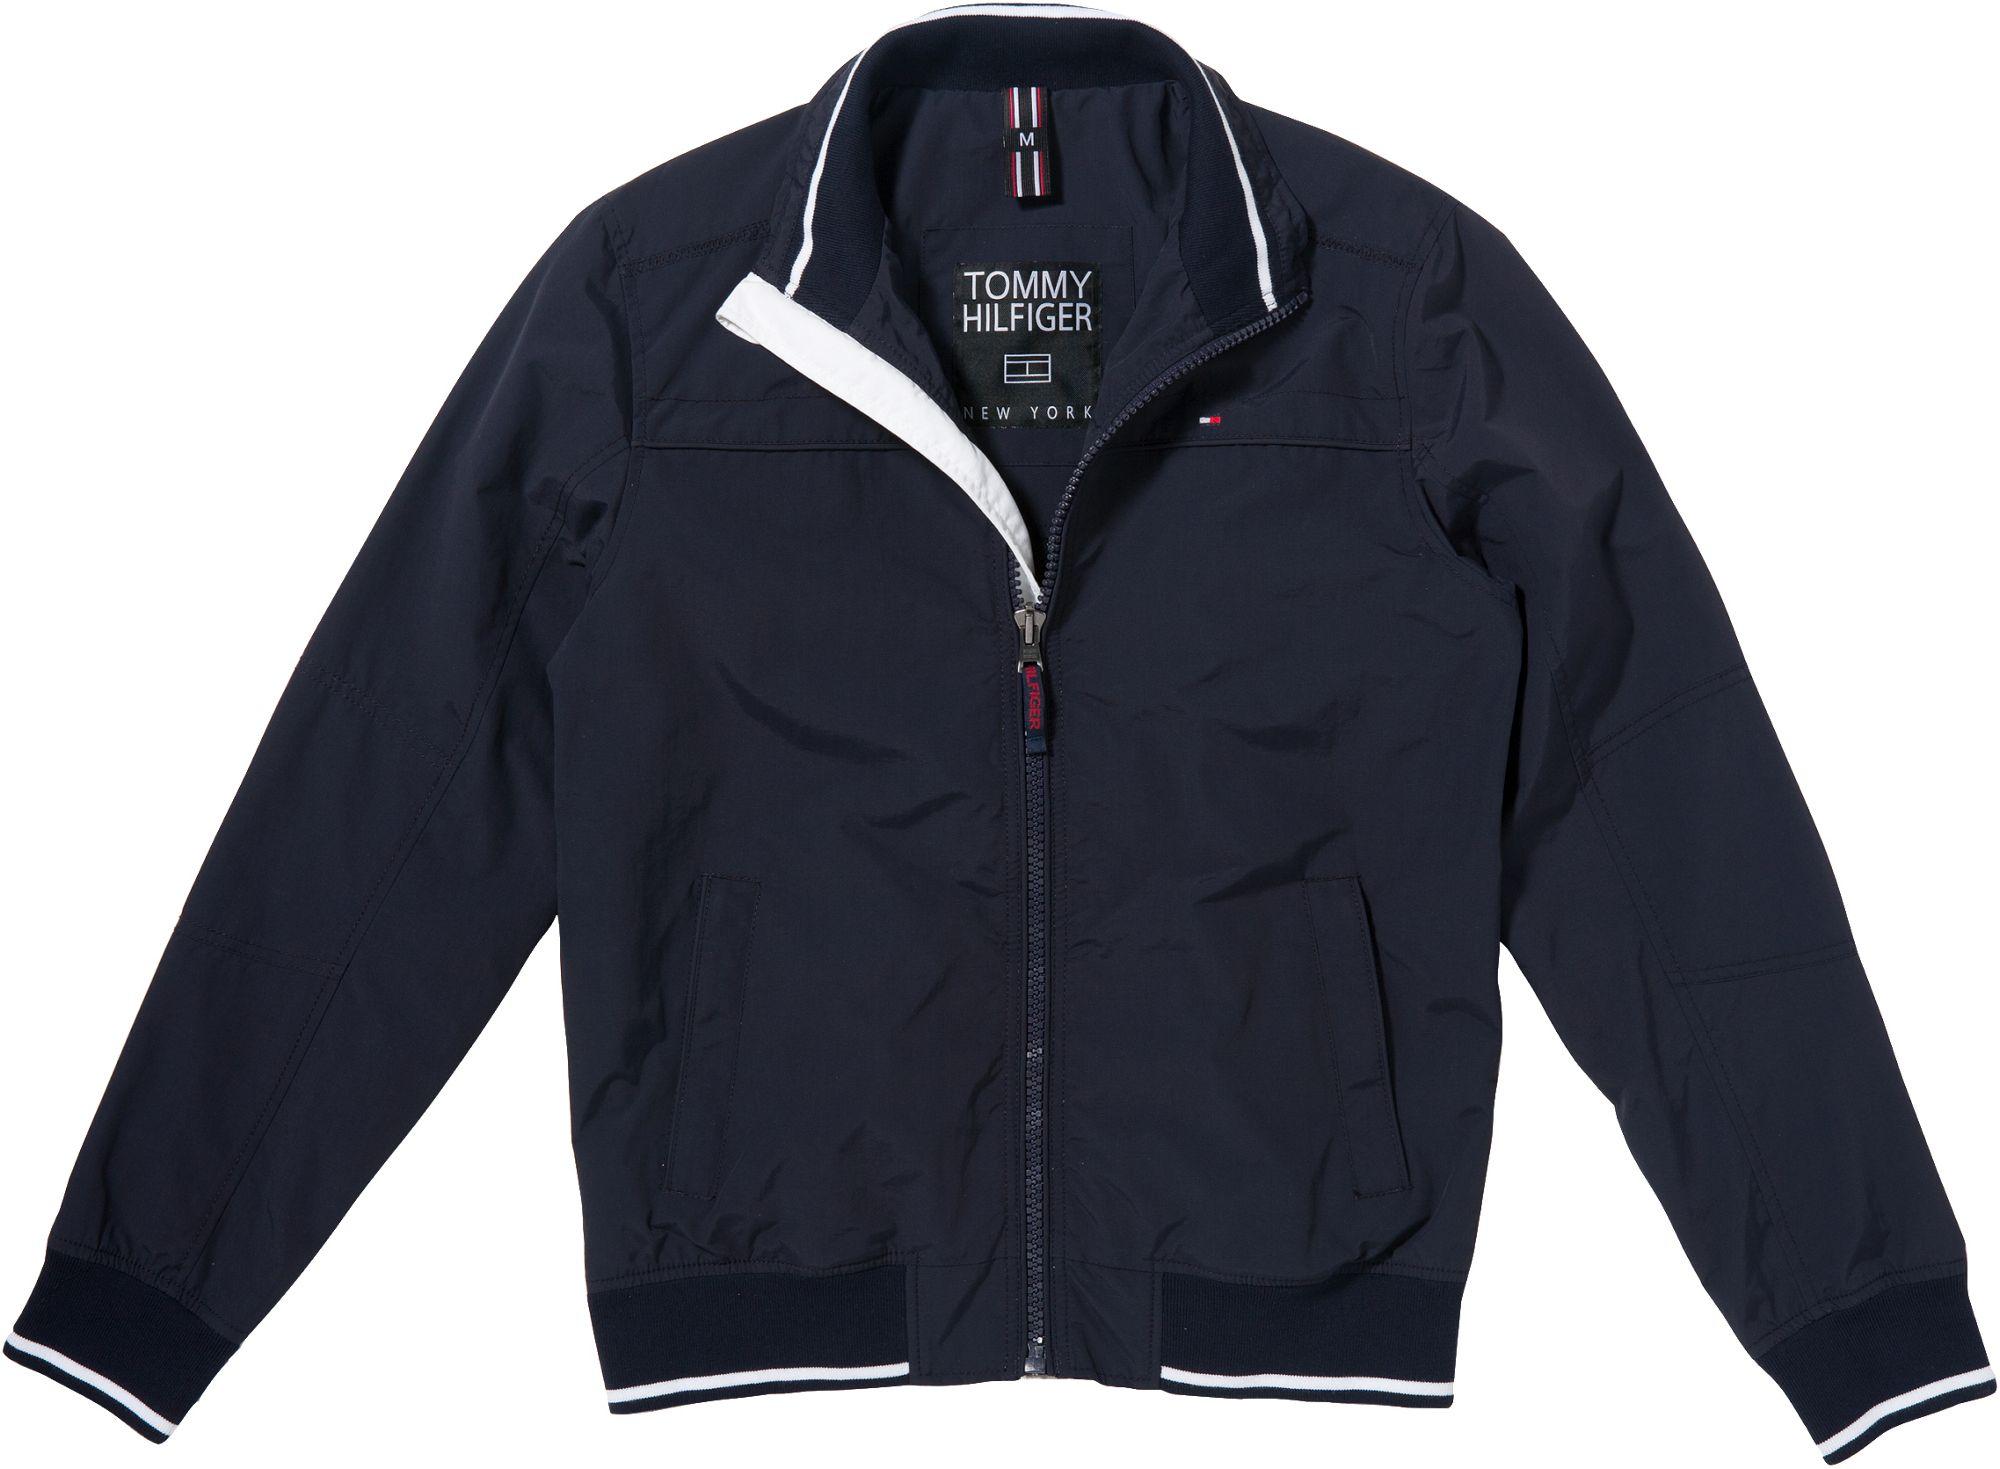 tommy hilfiger new matt bomber jacket in blue for men lyst. Black Bedroom Furniture Sets. Home Design Ideas